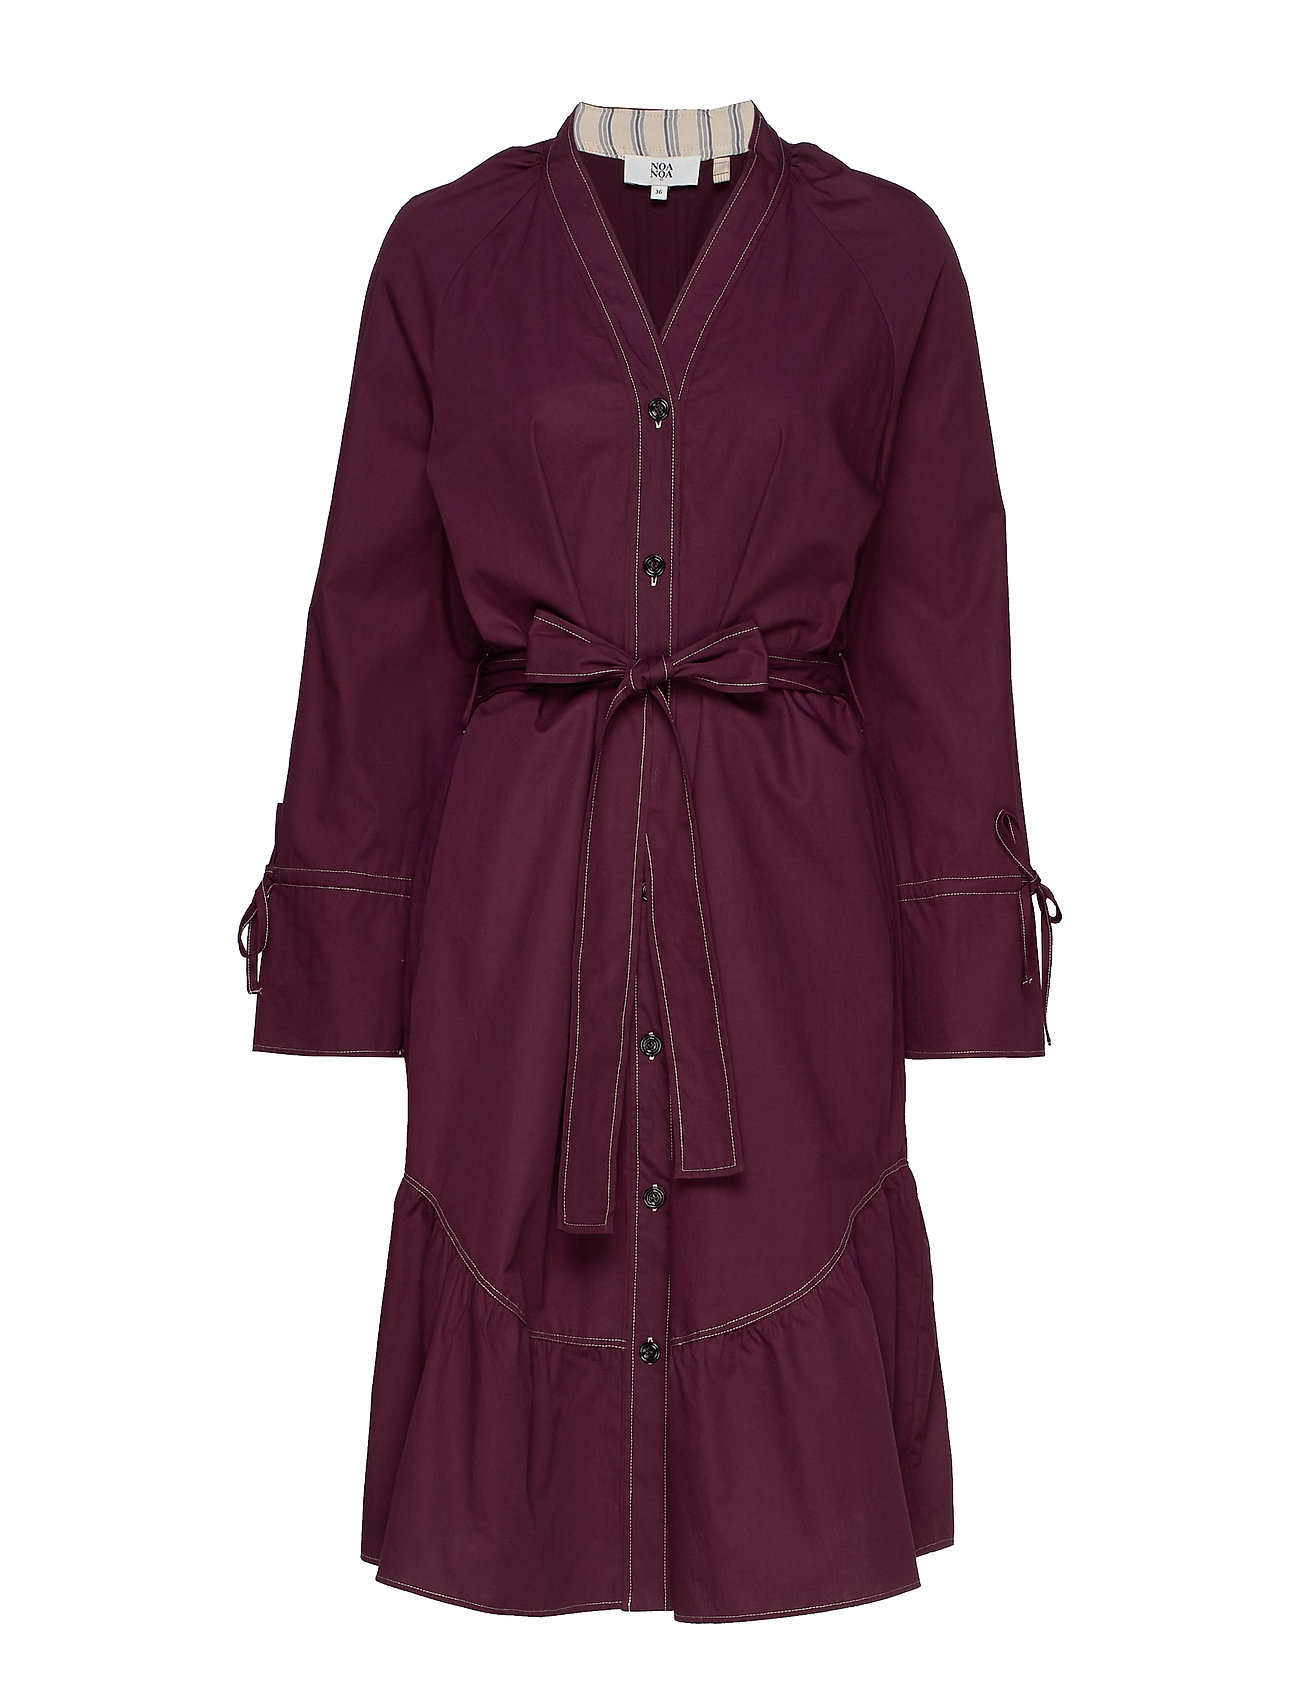 Noa Noa Dress long sleeve - FIG